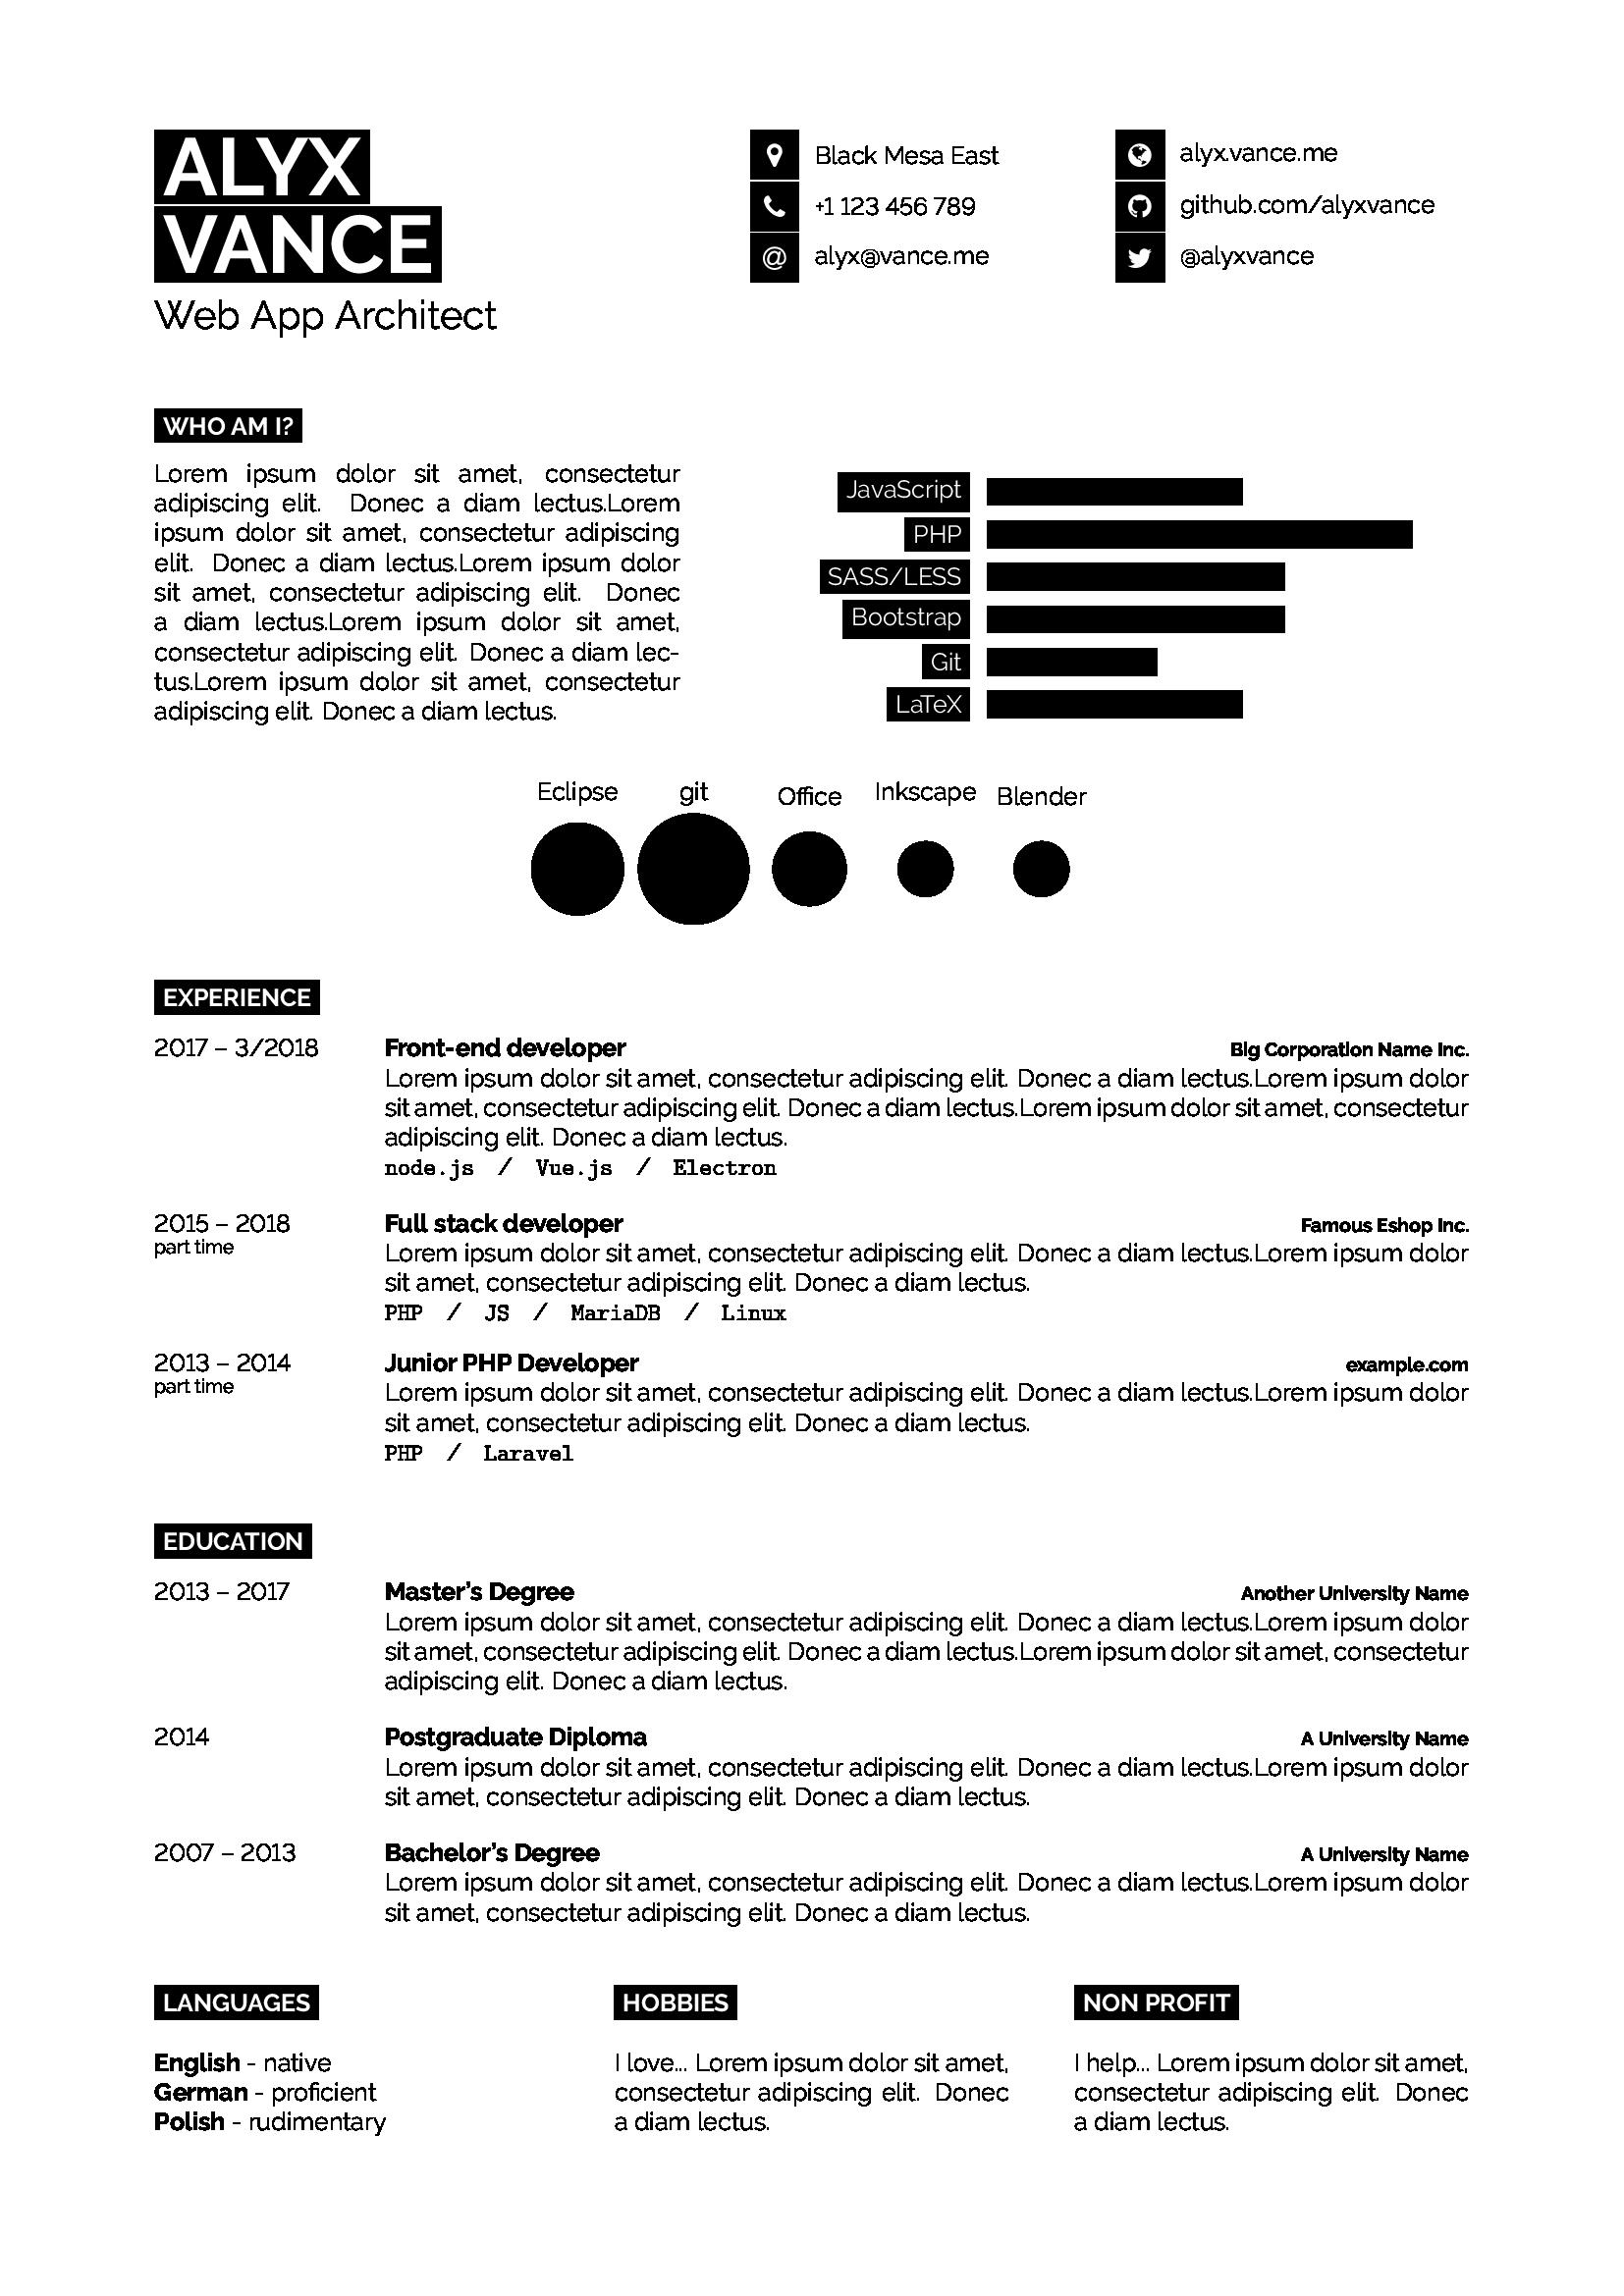 一个很简洁清晰的简历 LaTeX 排版样式